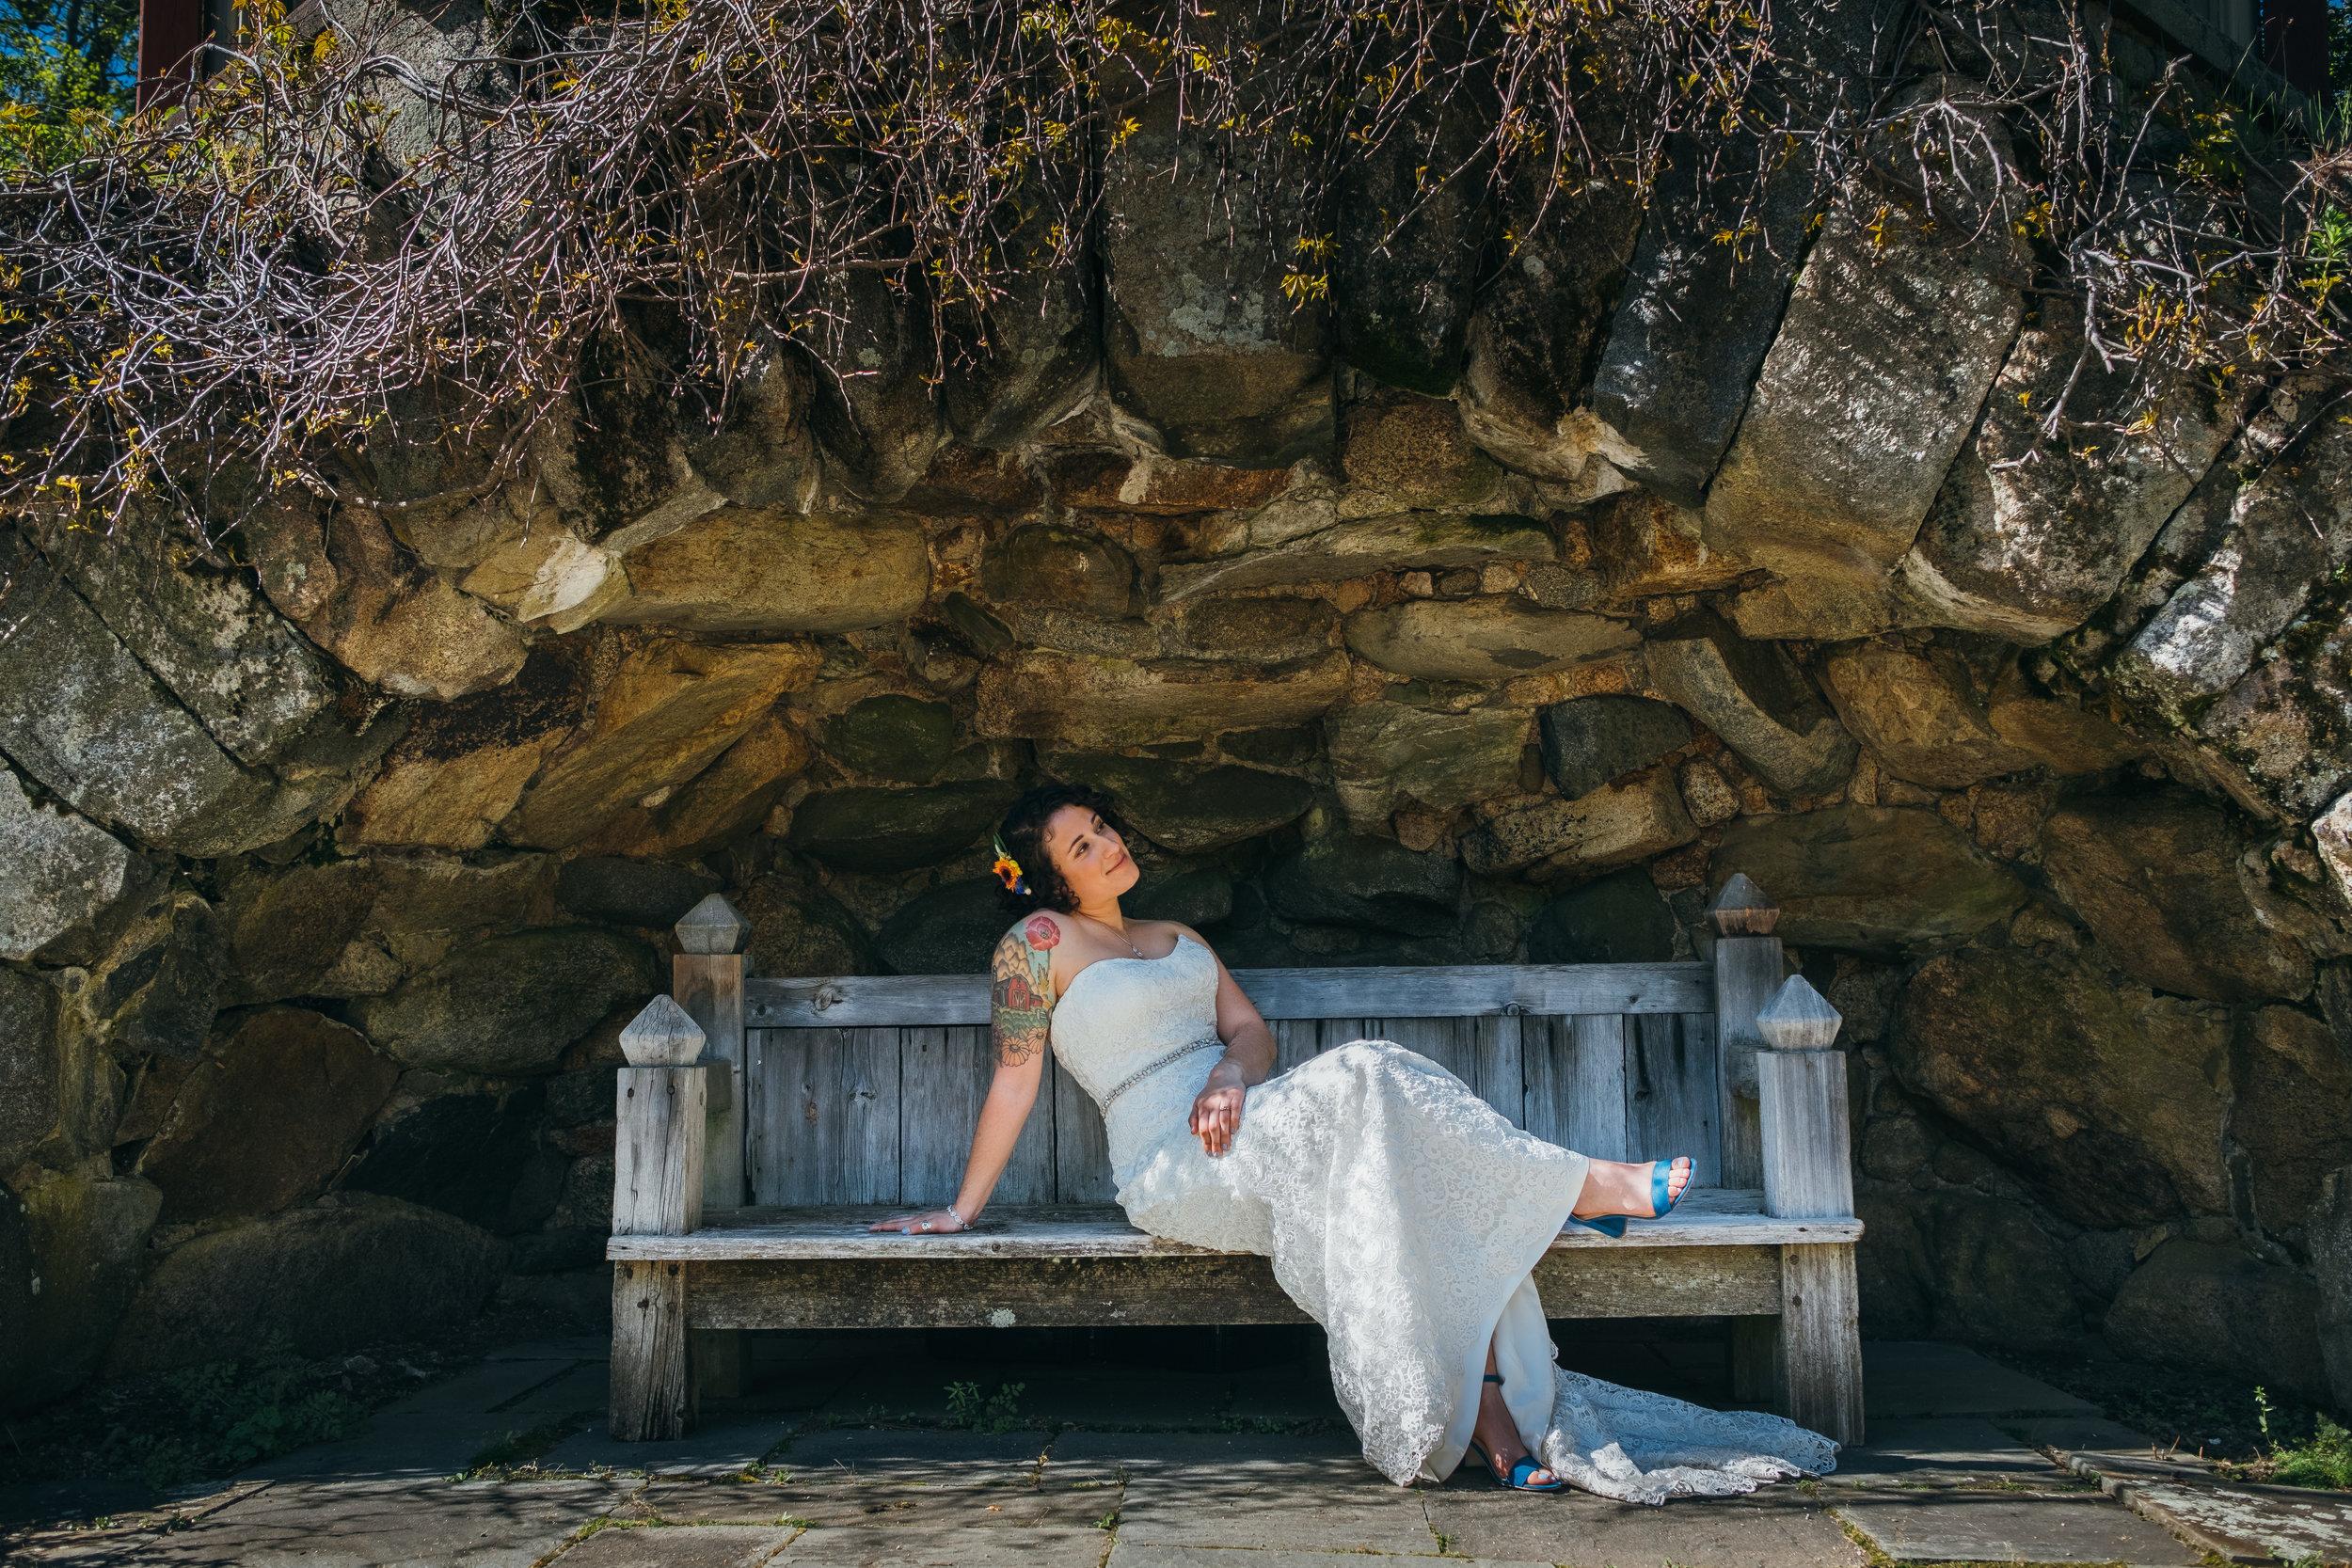 moraine-farm-boston-wedding-ginamike-oh-karina-0026.JPG